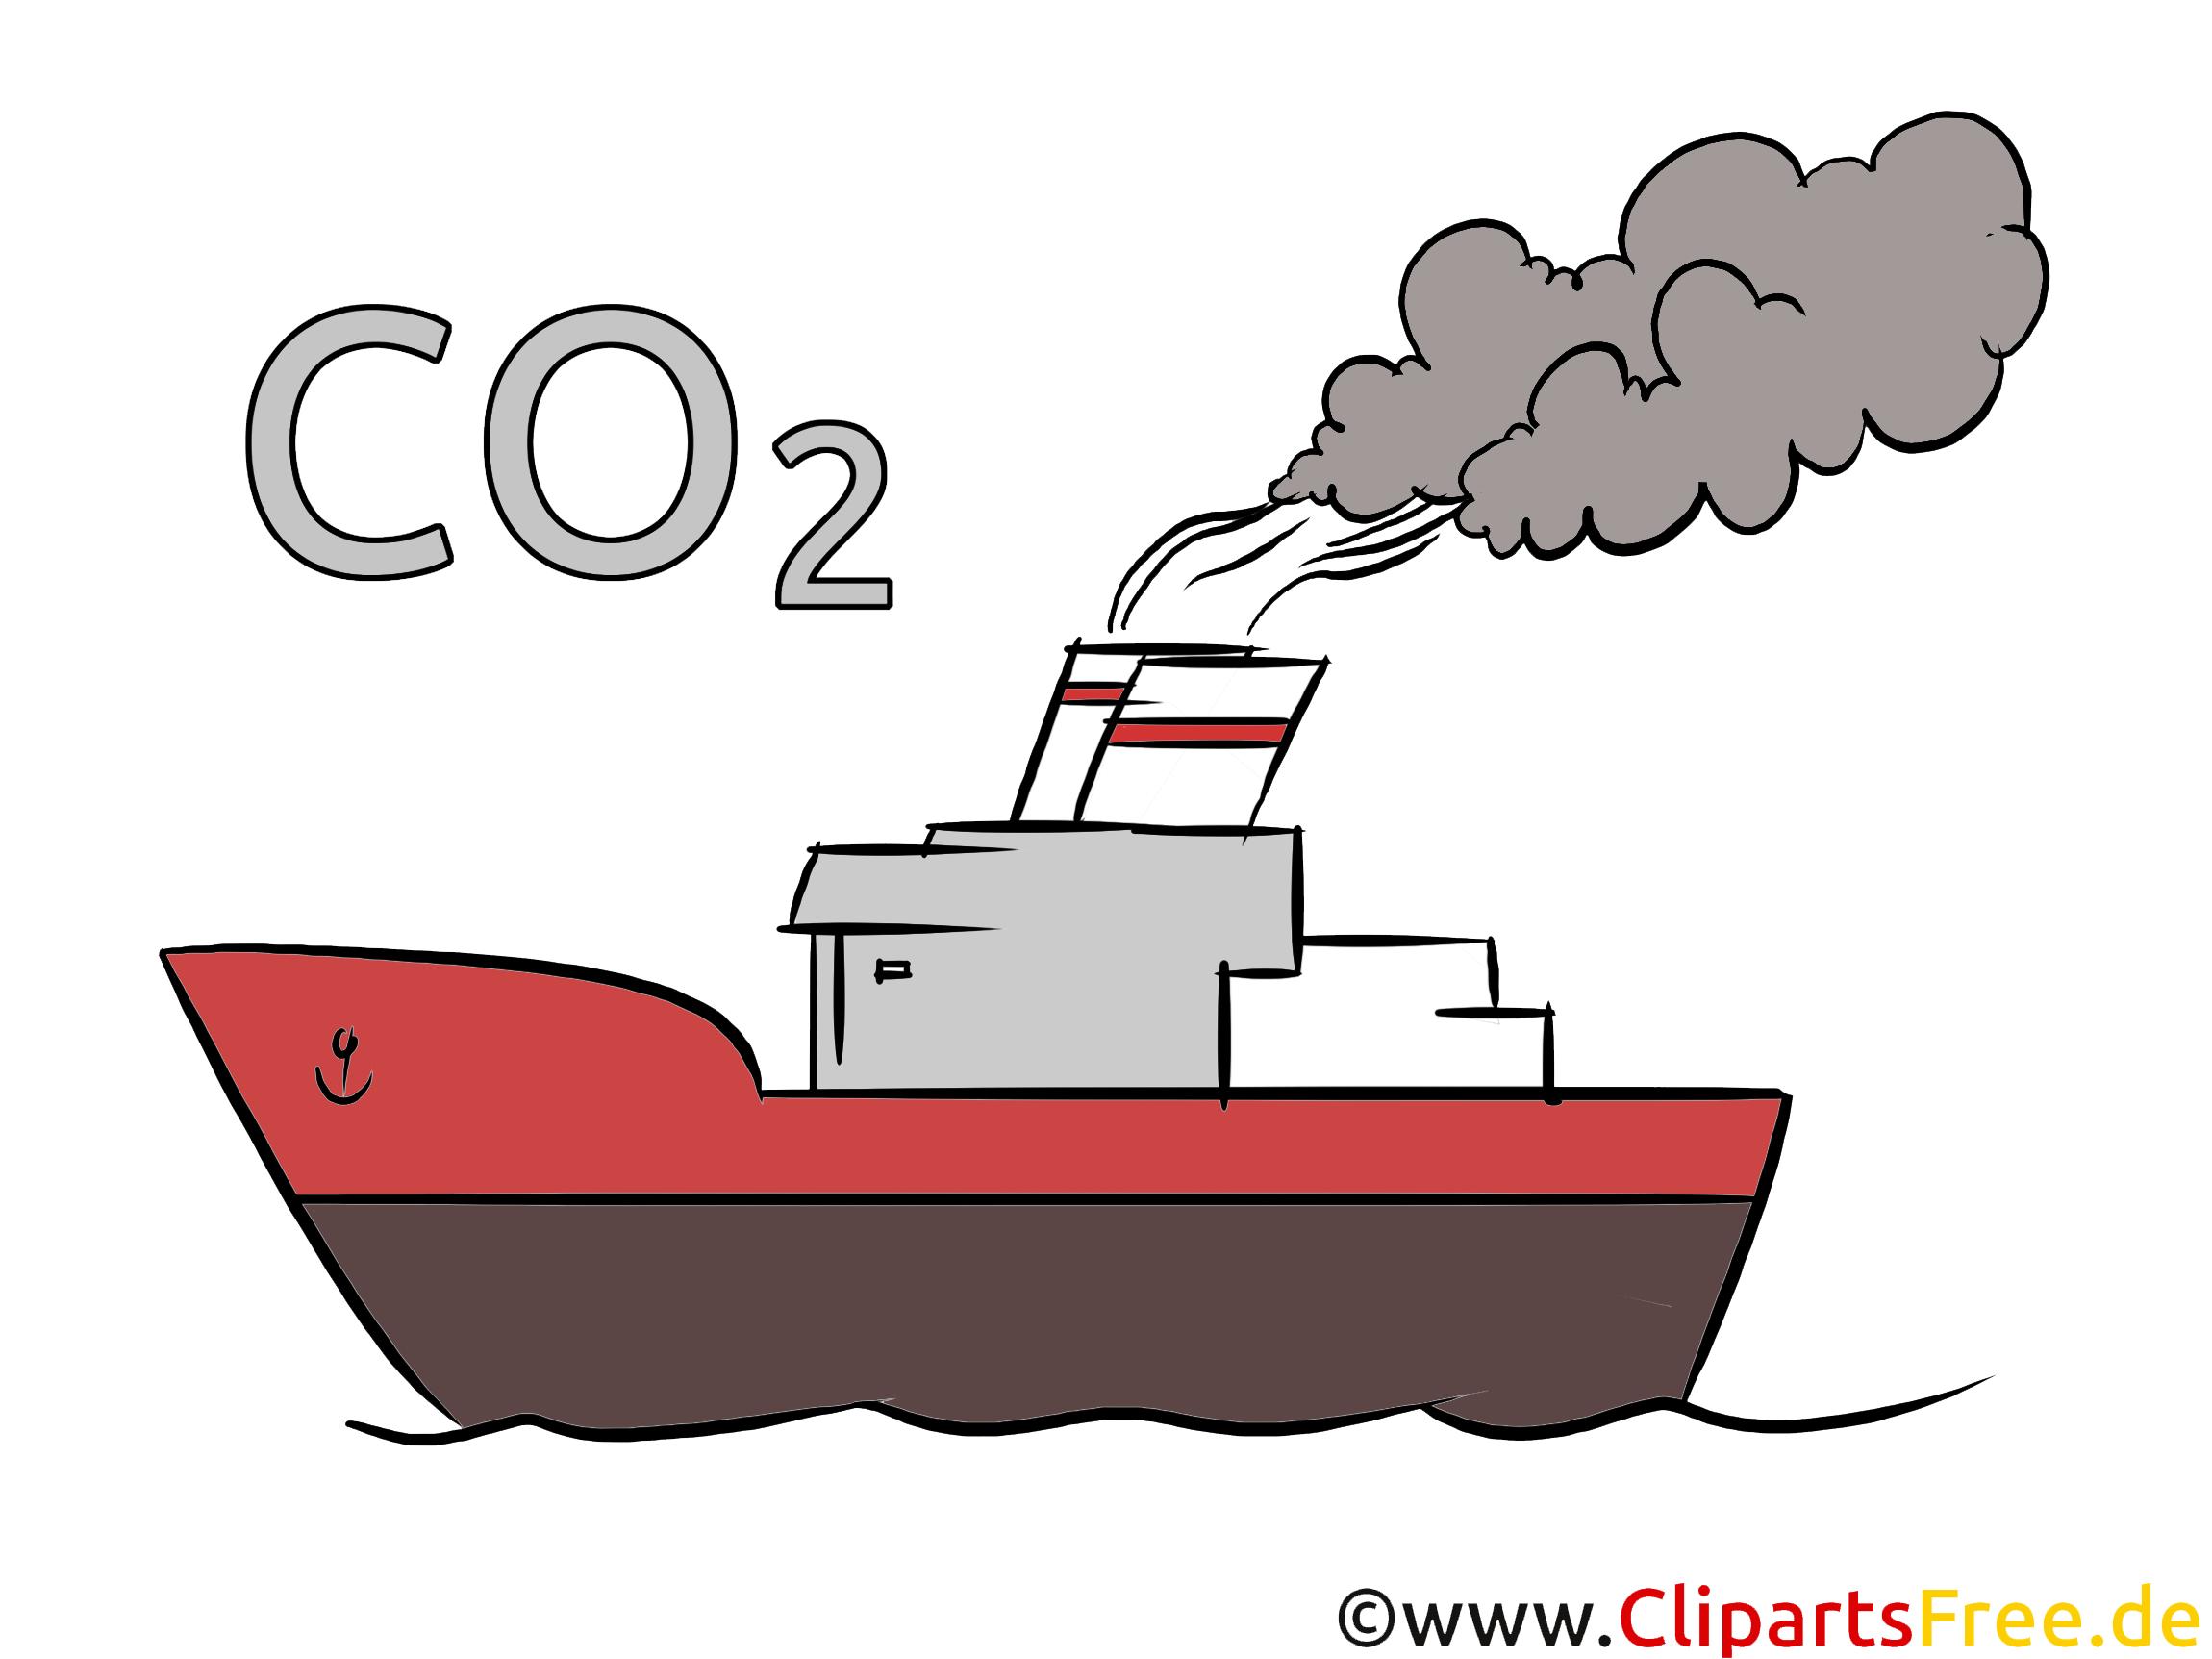 Co2 Ausstoß bei Schiffen Stock Illustration, Clipart, Bild